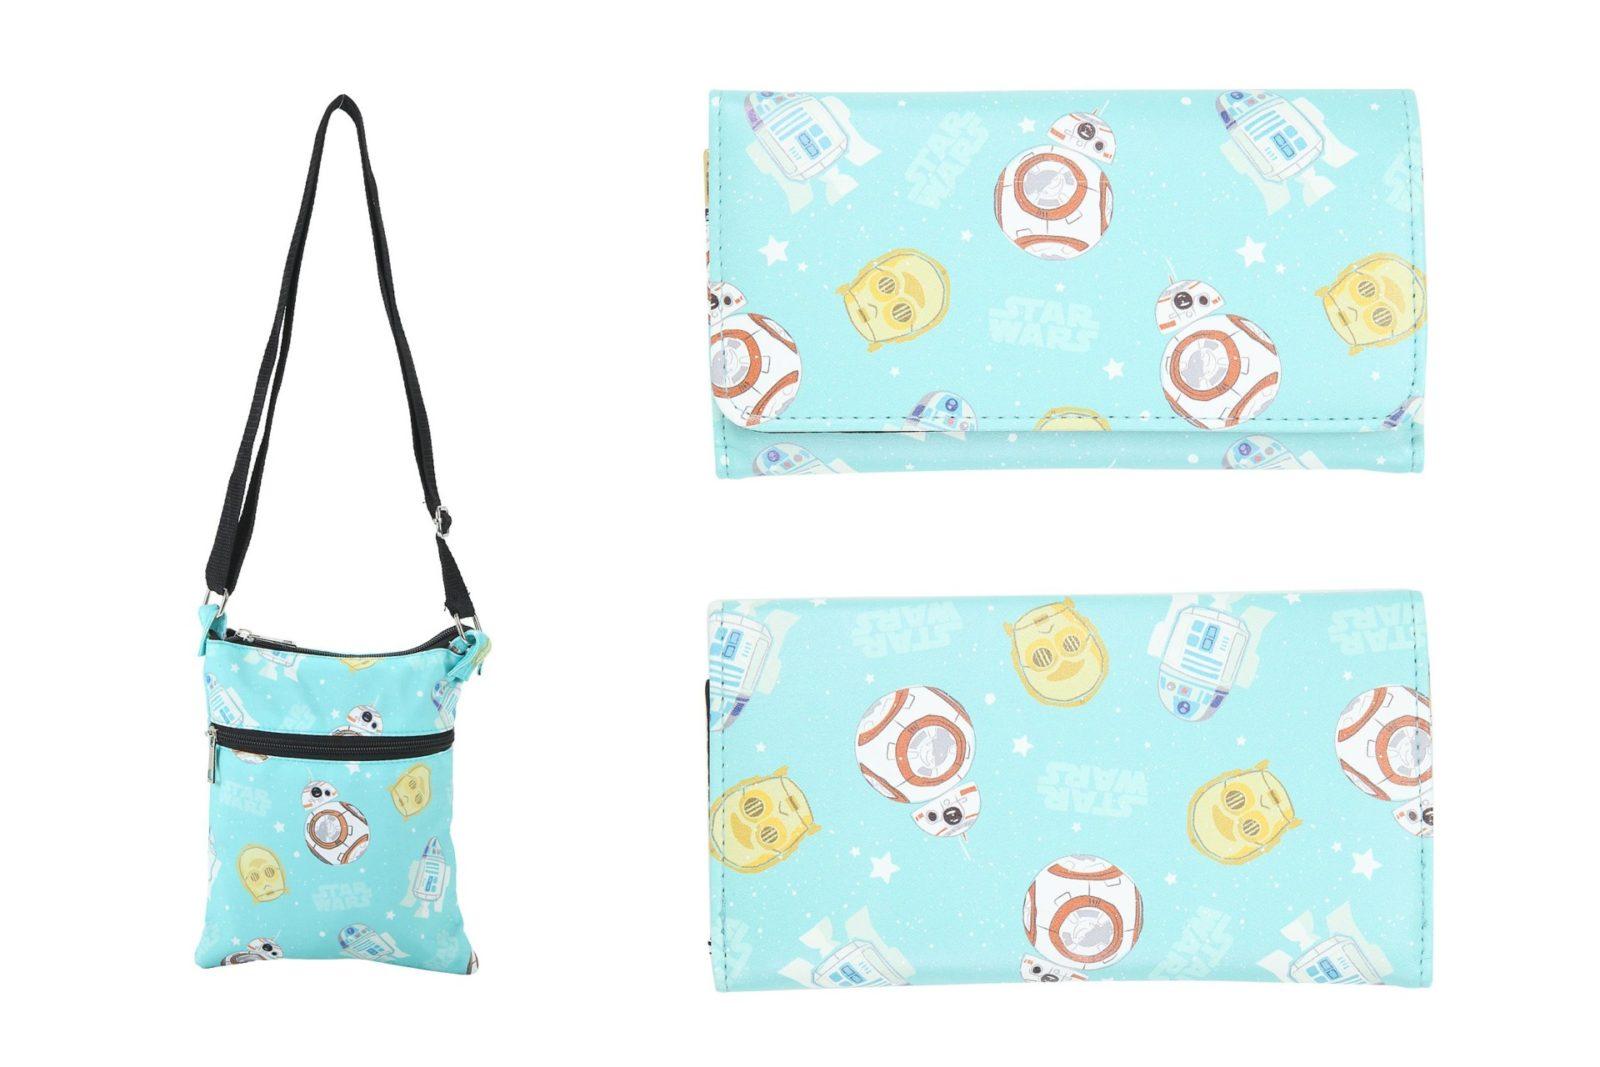 New TFA droids wallet and handbag